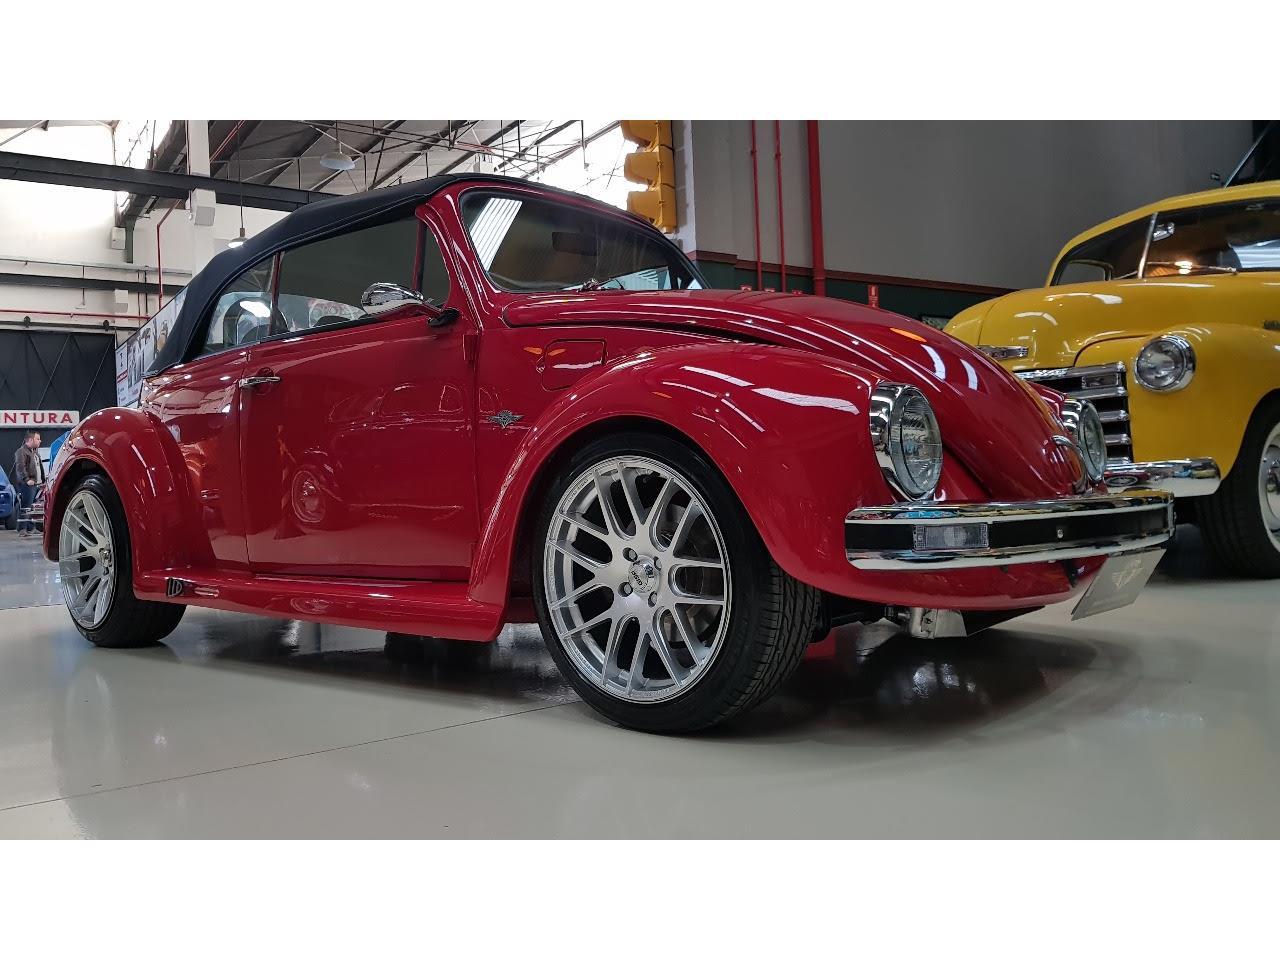 1985 Volkswagen Beetle (CC-1221258) for sale in São Paulo, São Paulo